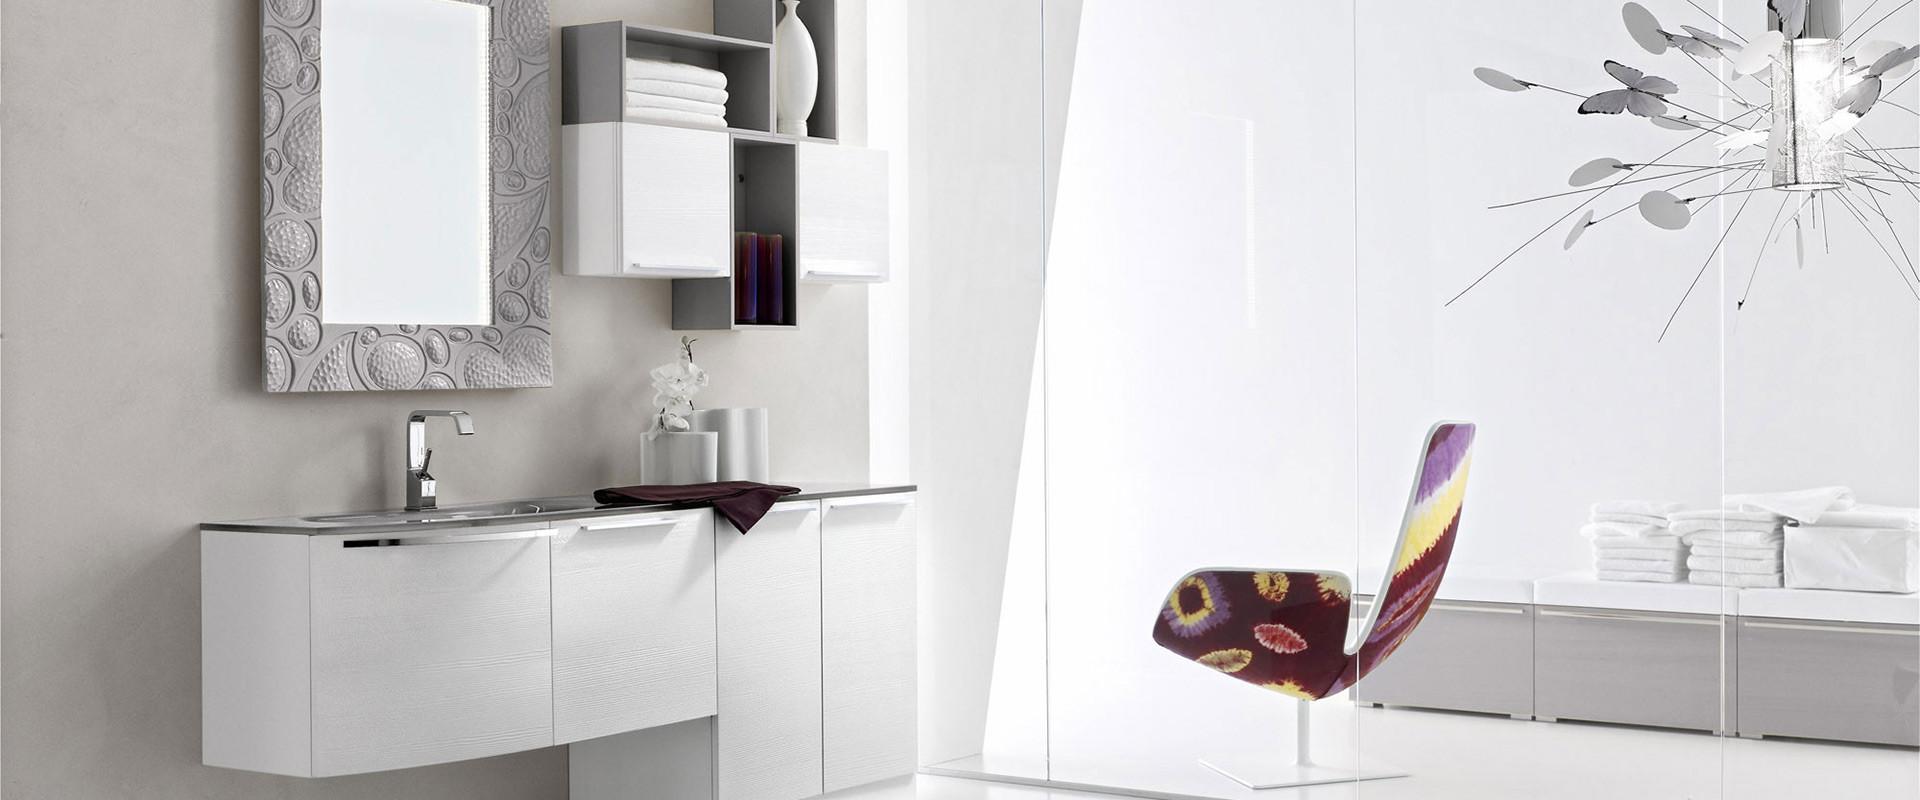 Realizziamo il tuo bagno su misura a verona e mantova - Specchi su misura verona ...